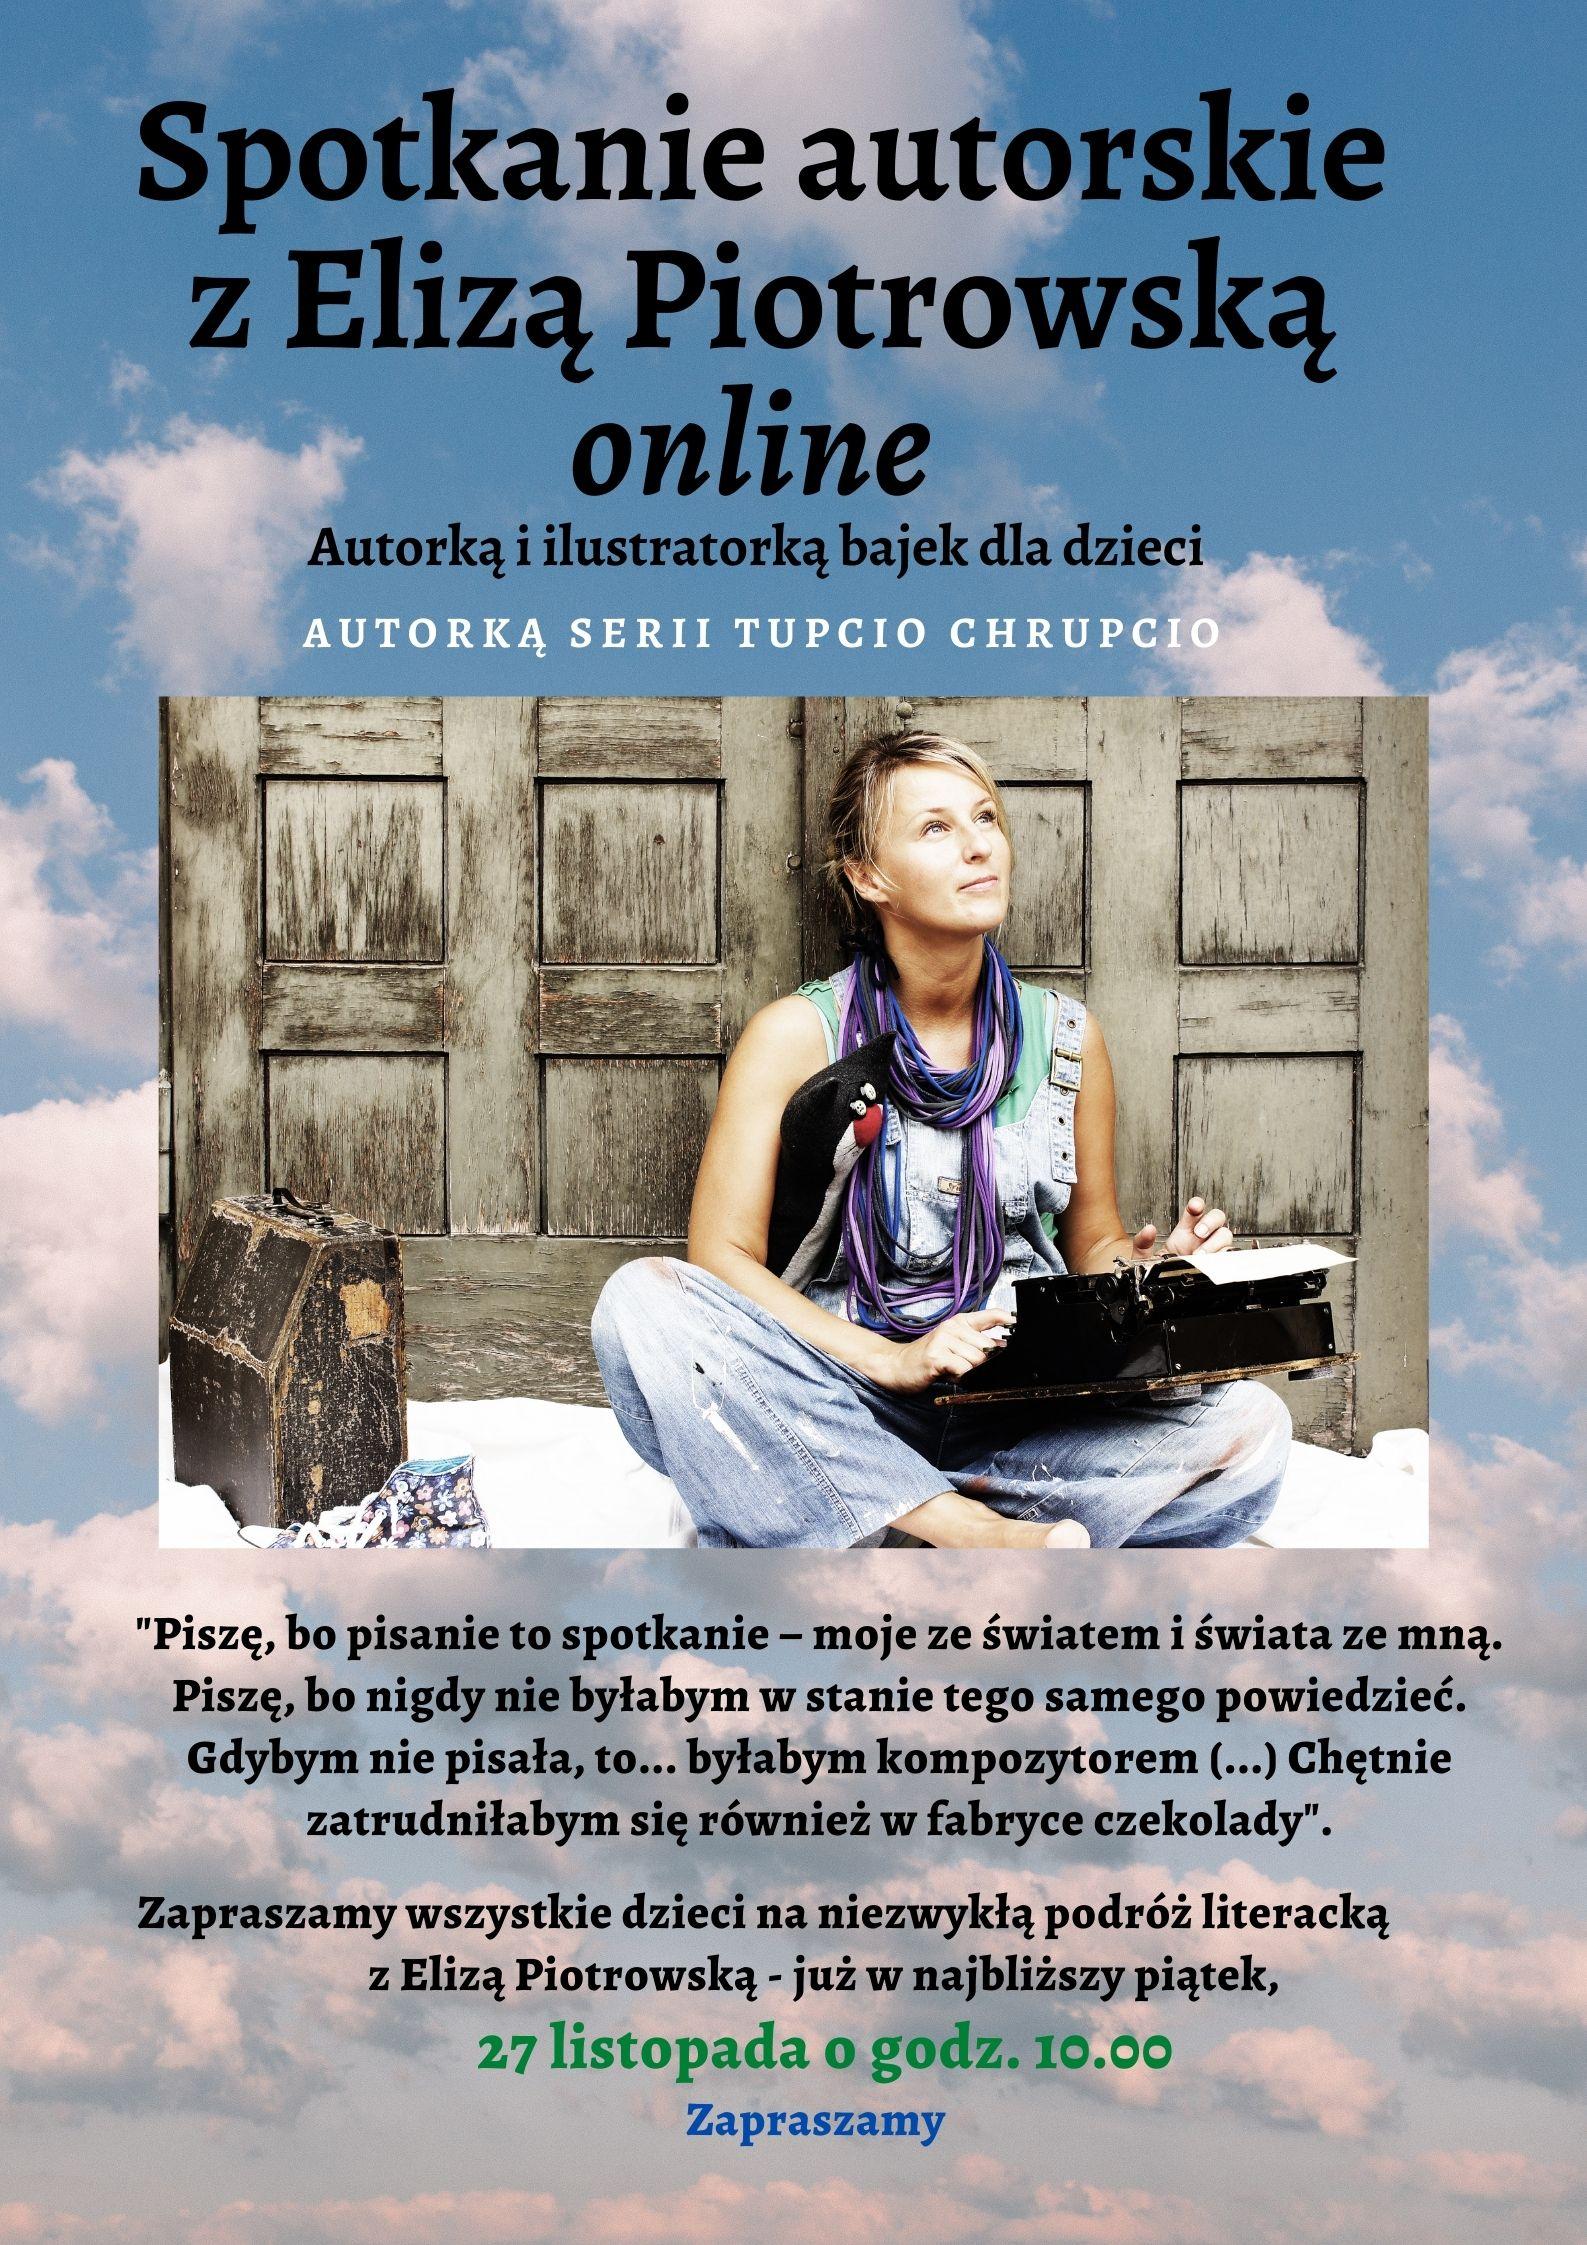 Plakat informujący o wydarzeniu. U góry napis: spotkanie autorskie z elizą piotrowską online. Zdjęcie autorki siedzącej z maszyną do pisania.